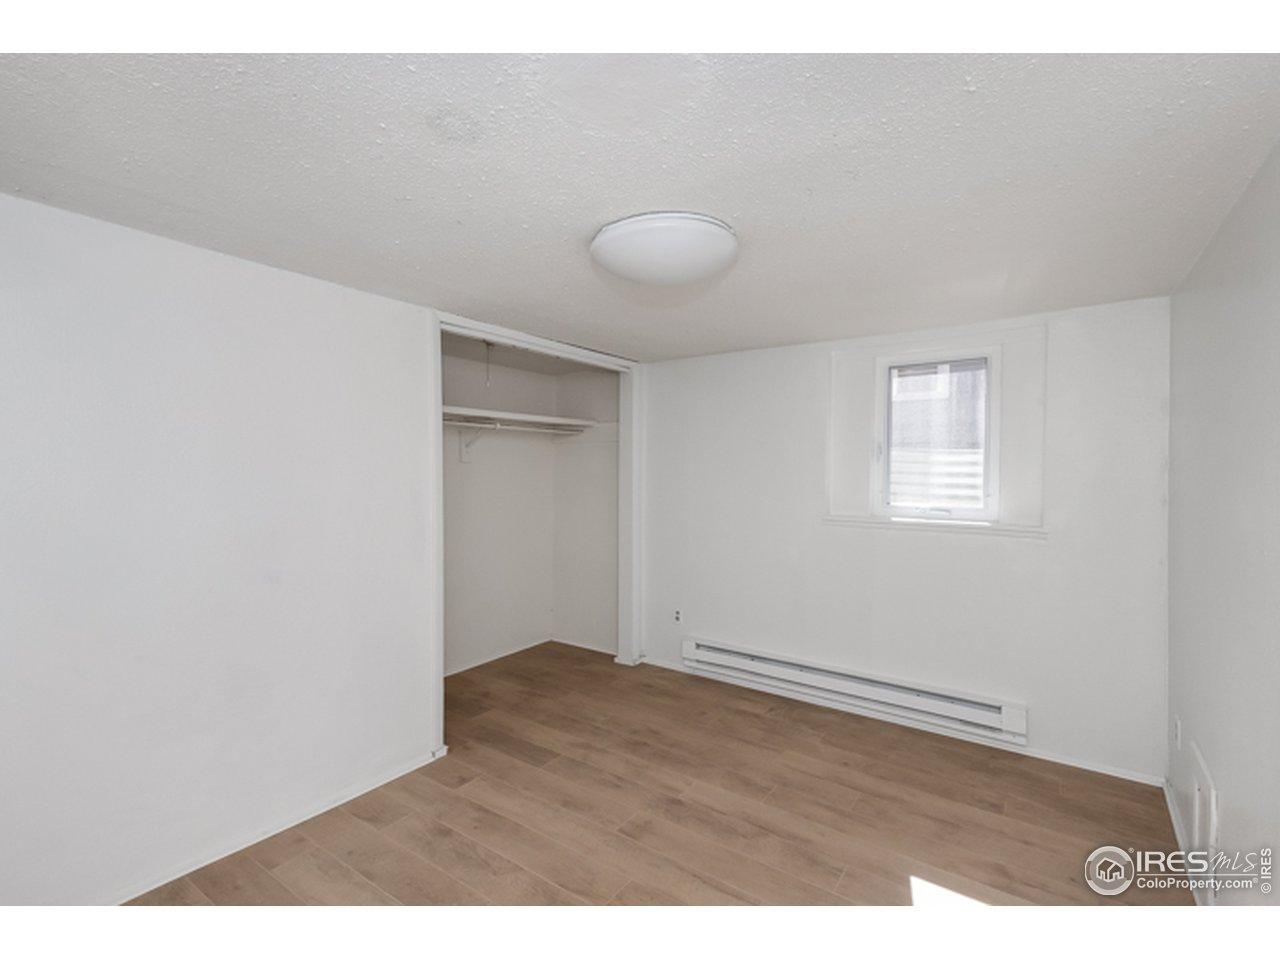 Basement bedroom # 2